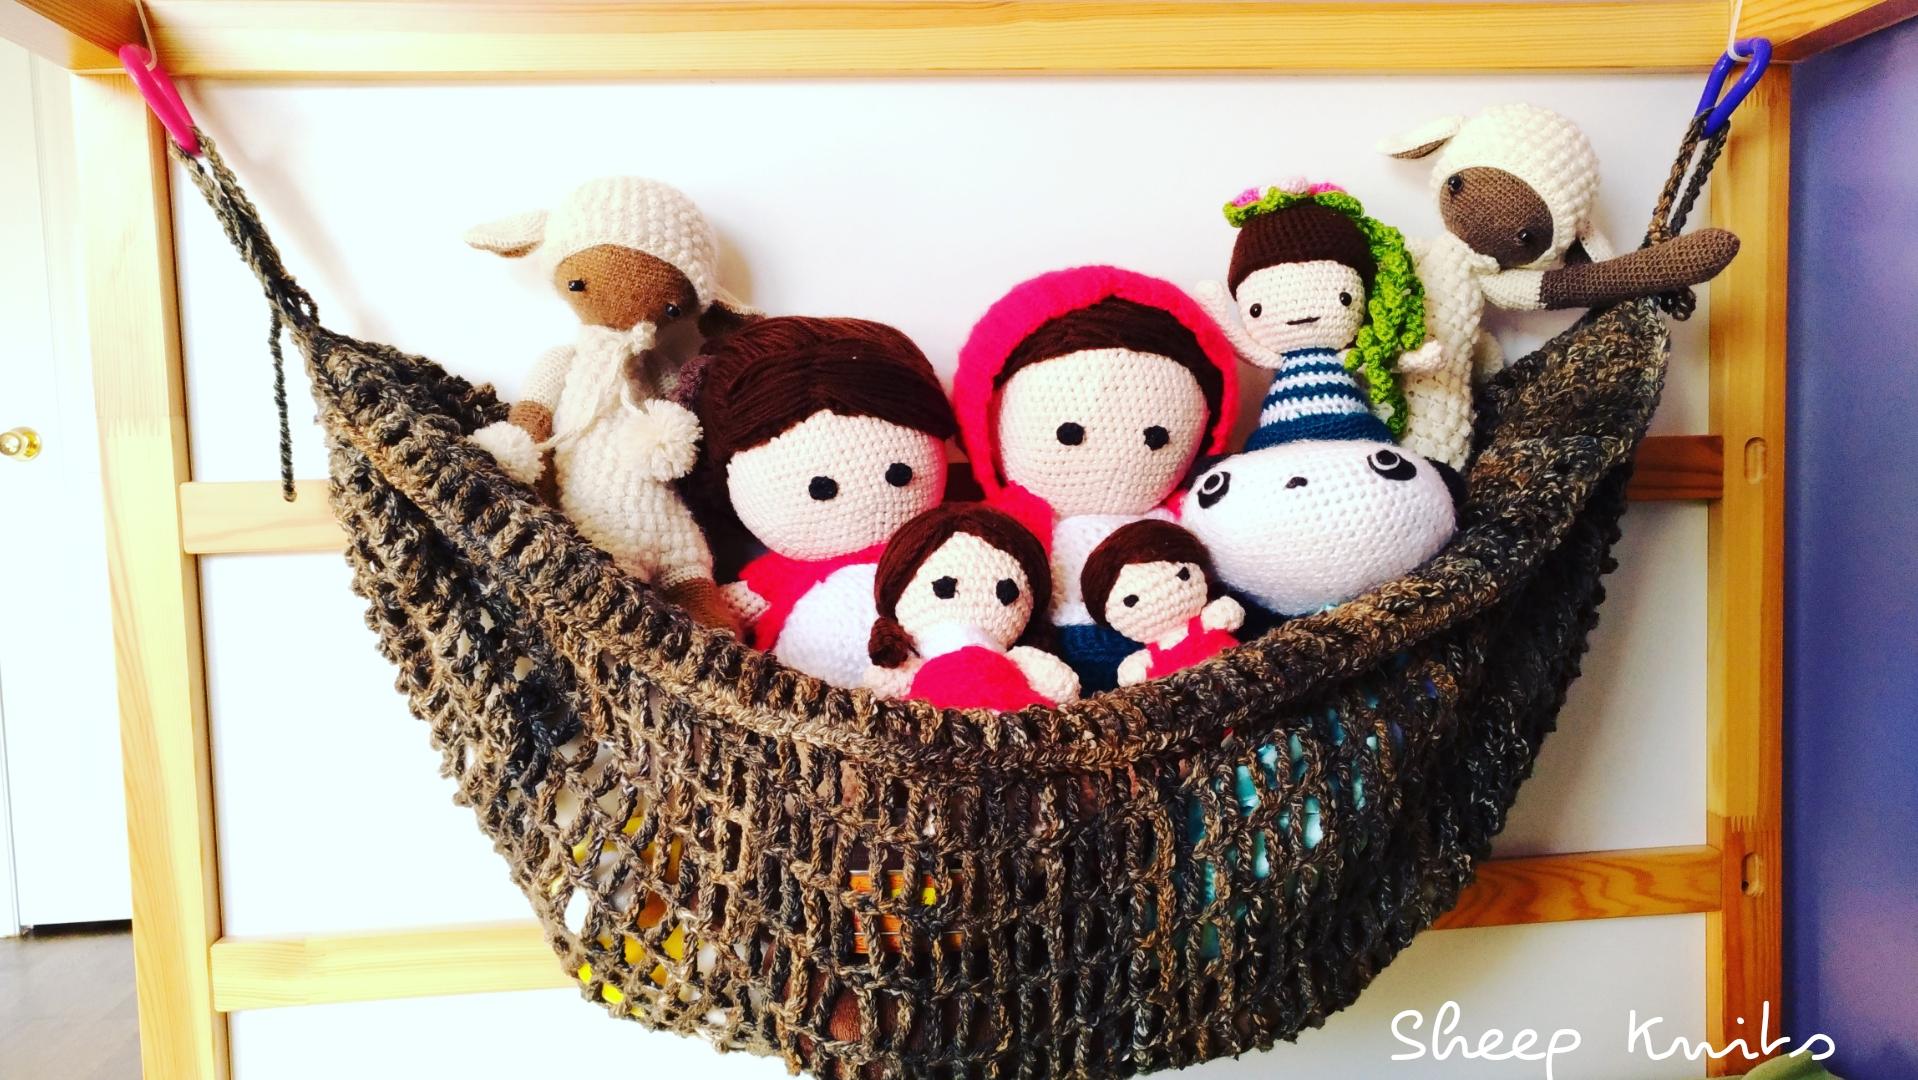 Toy Hammock Sheep Knits